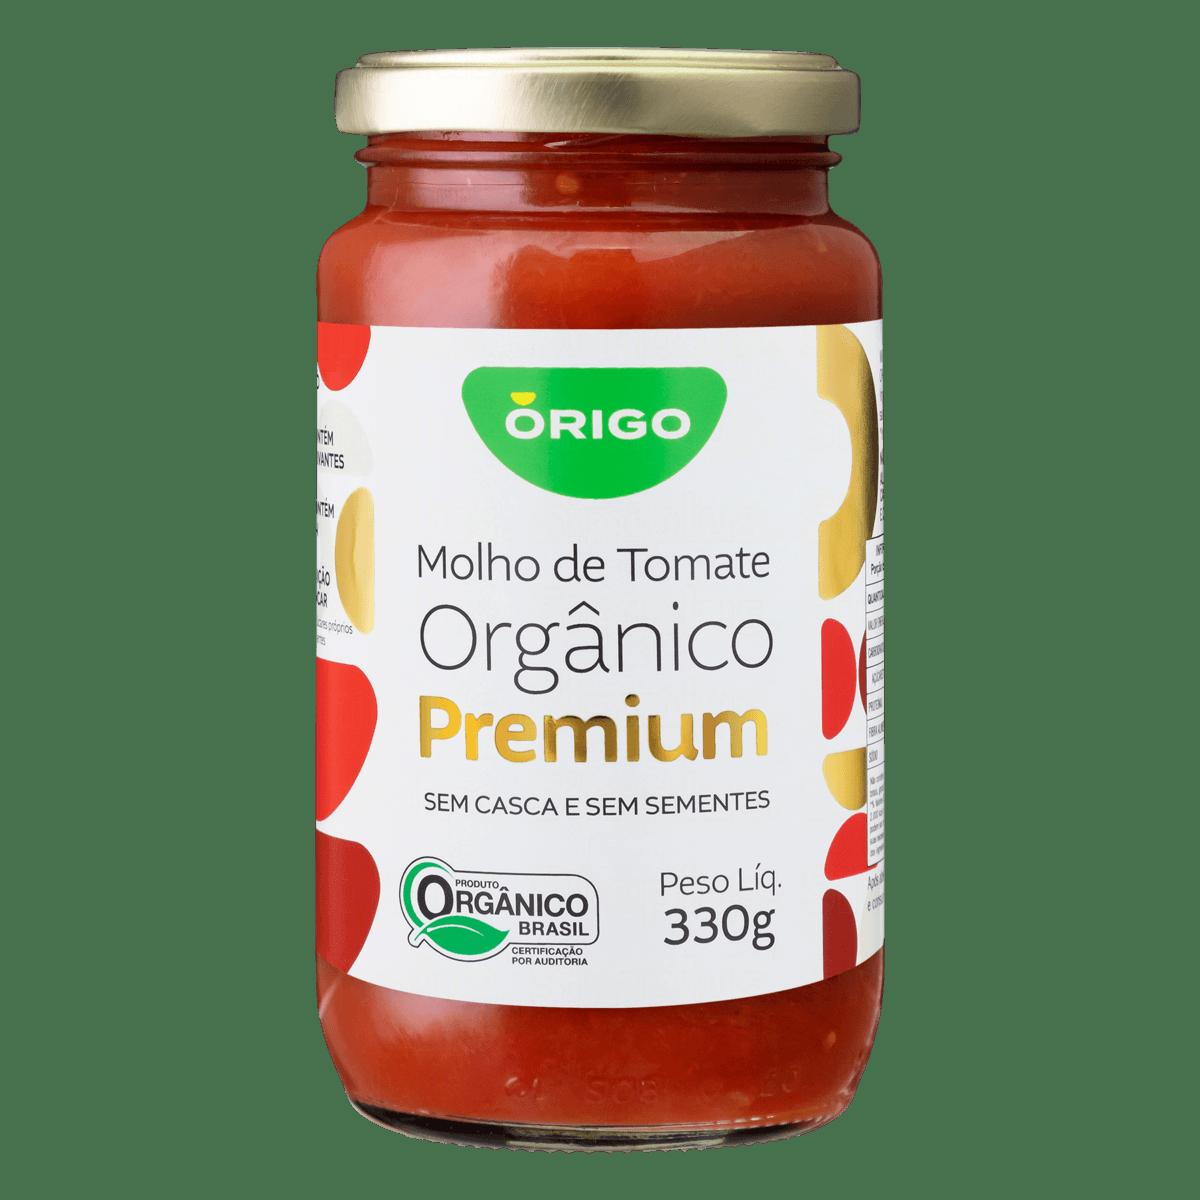 Molho de Tomate Orgânico ÓRIGO Premium Vidro 330g